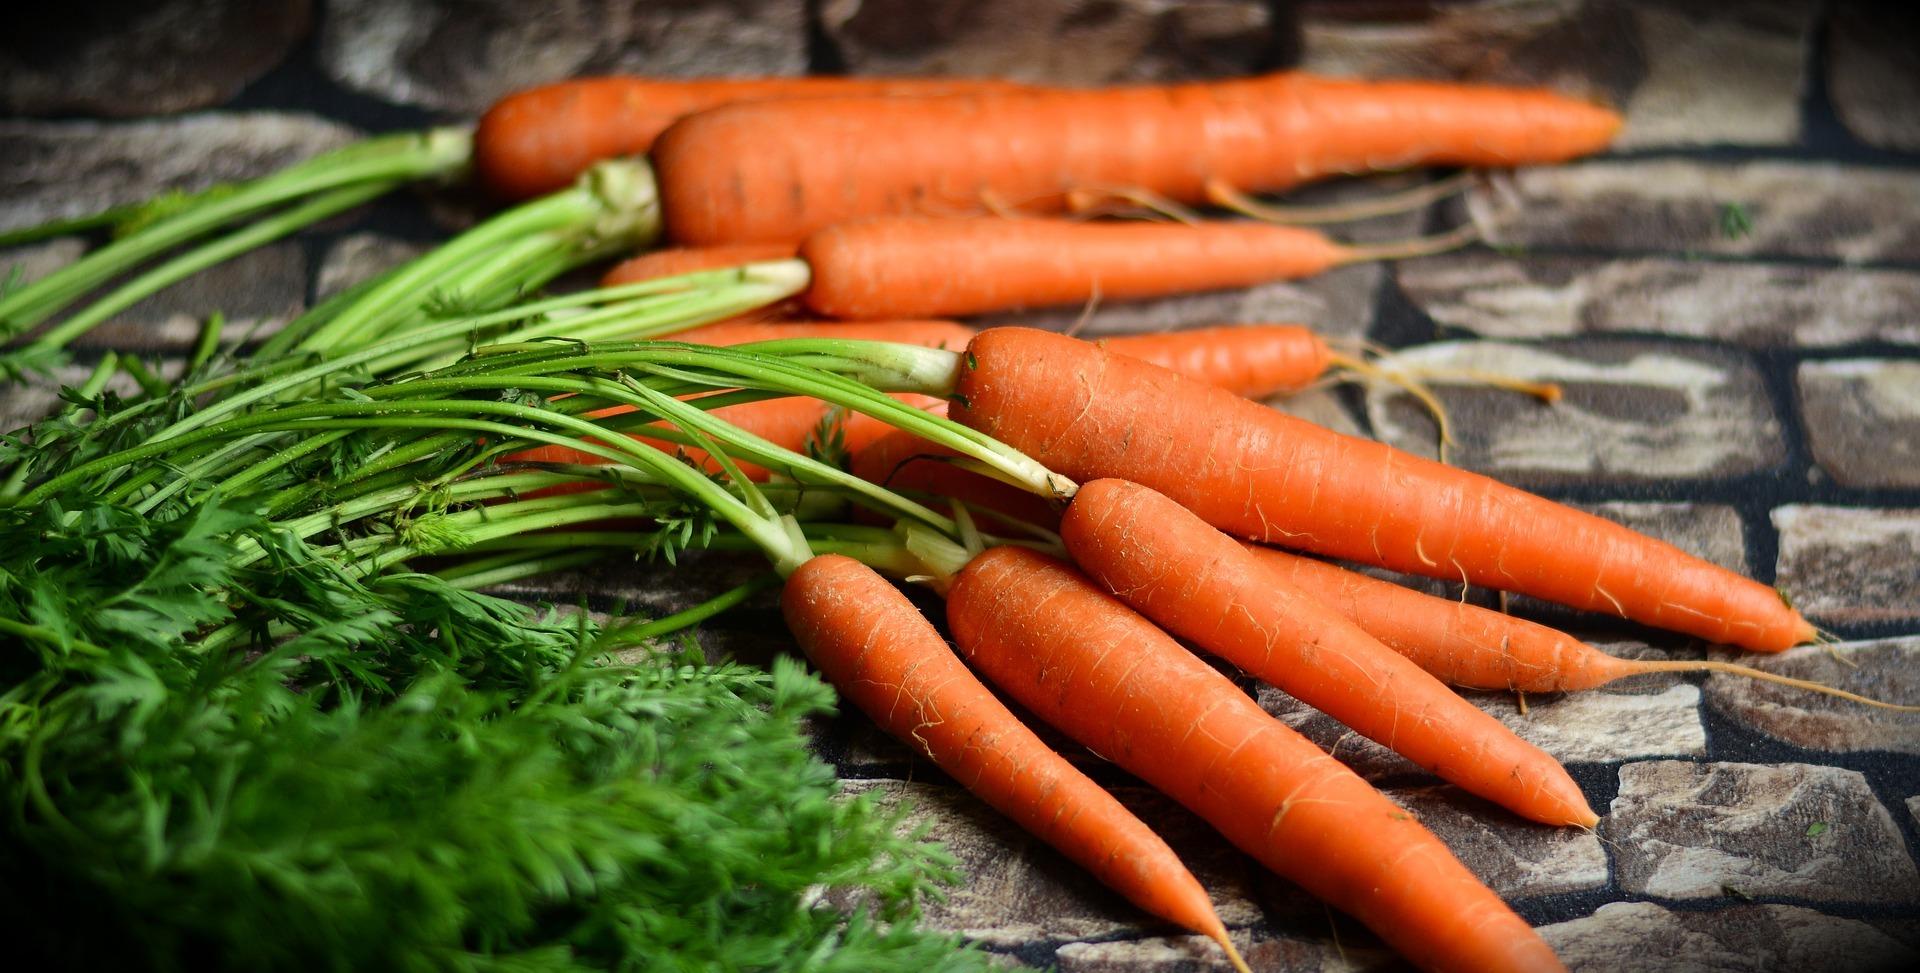 Permettre à tous de consommer des produits locaux  frais et de saison